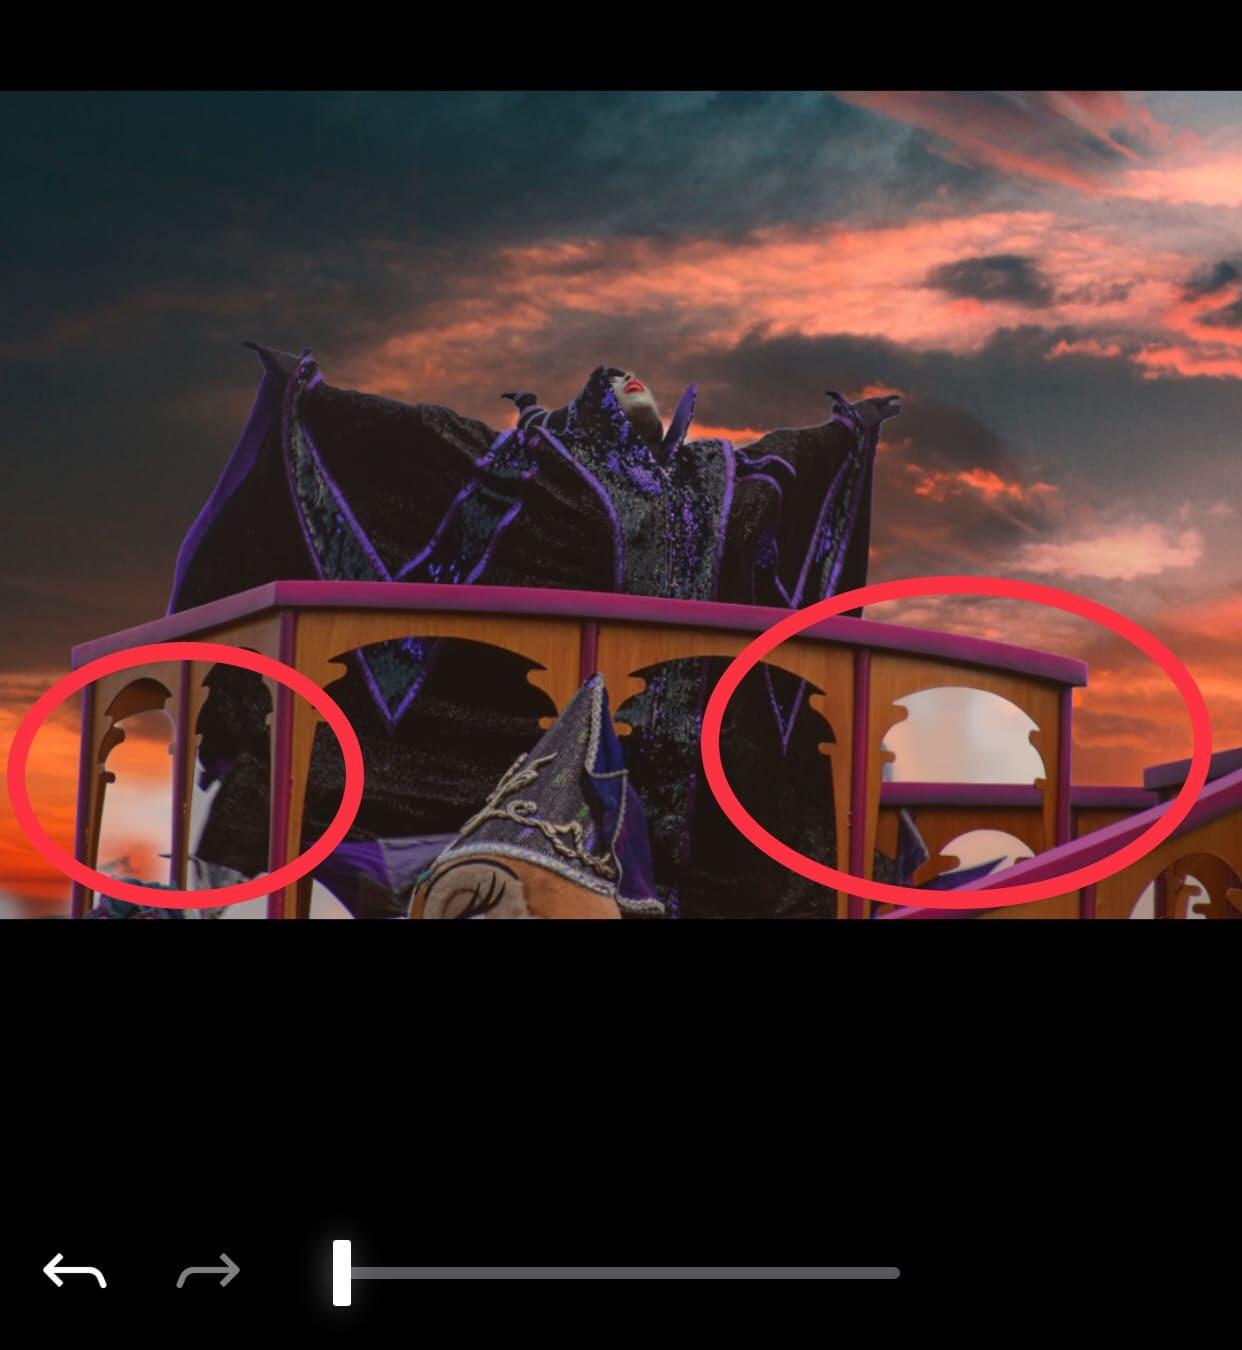 マレフィセントの画像に、燃えるような夕日の空をつけたかったけれど・・